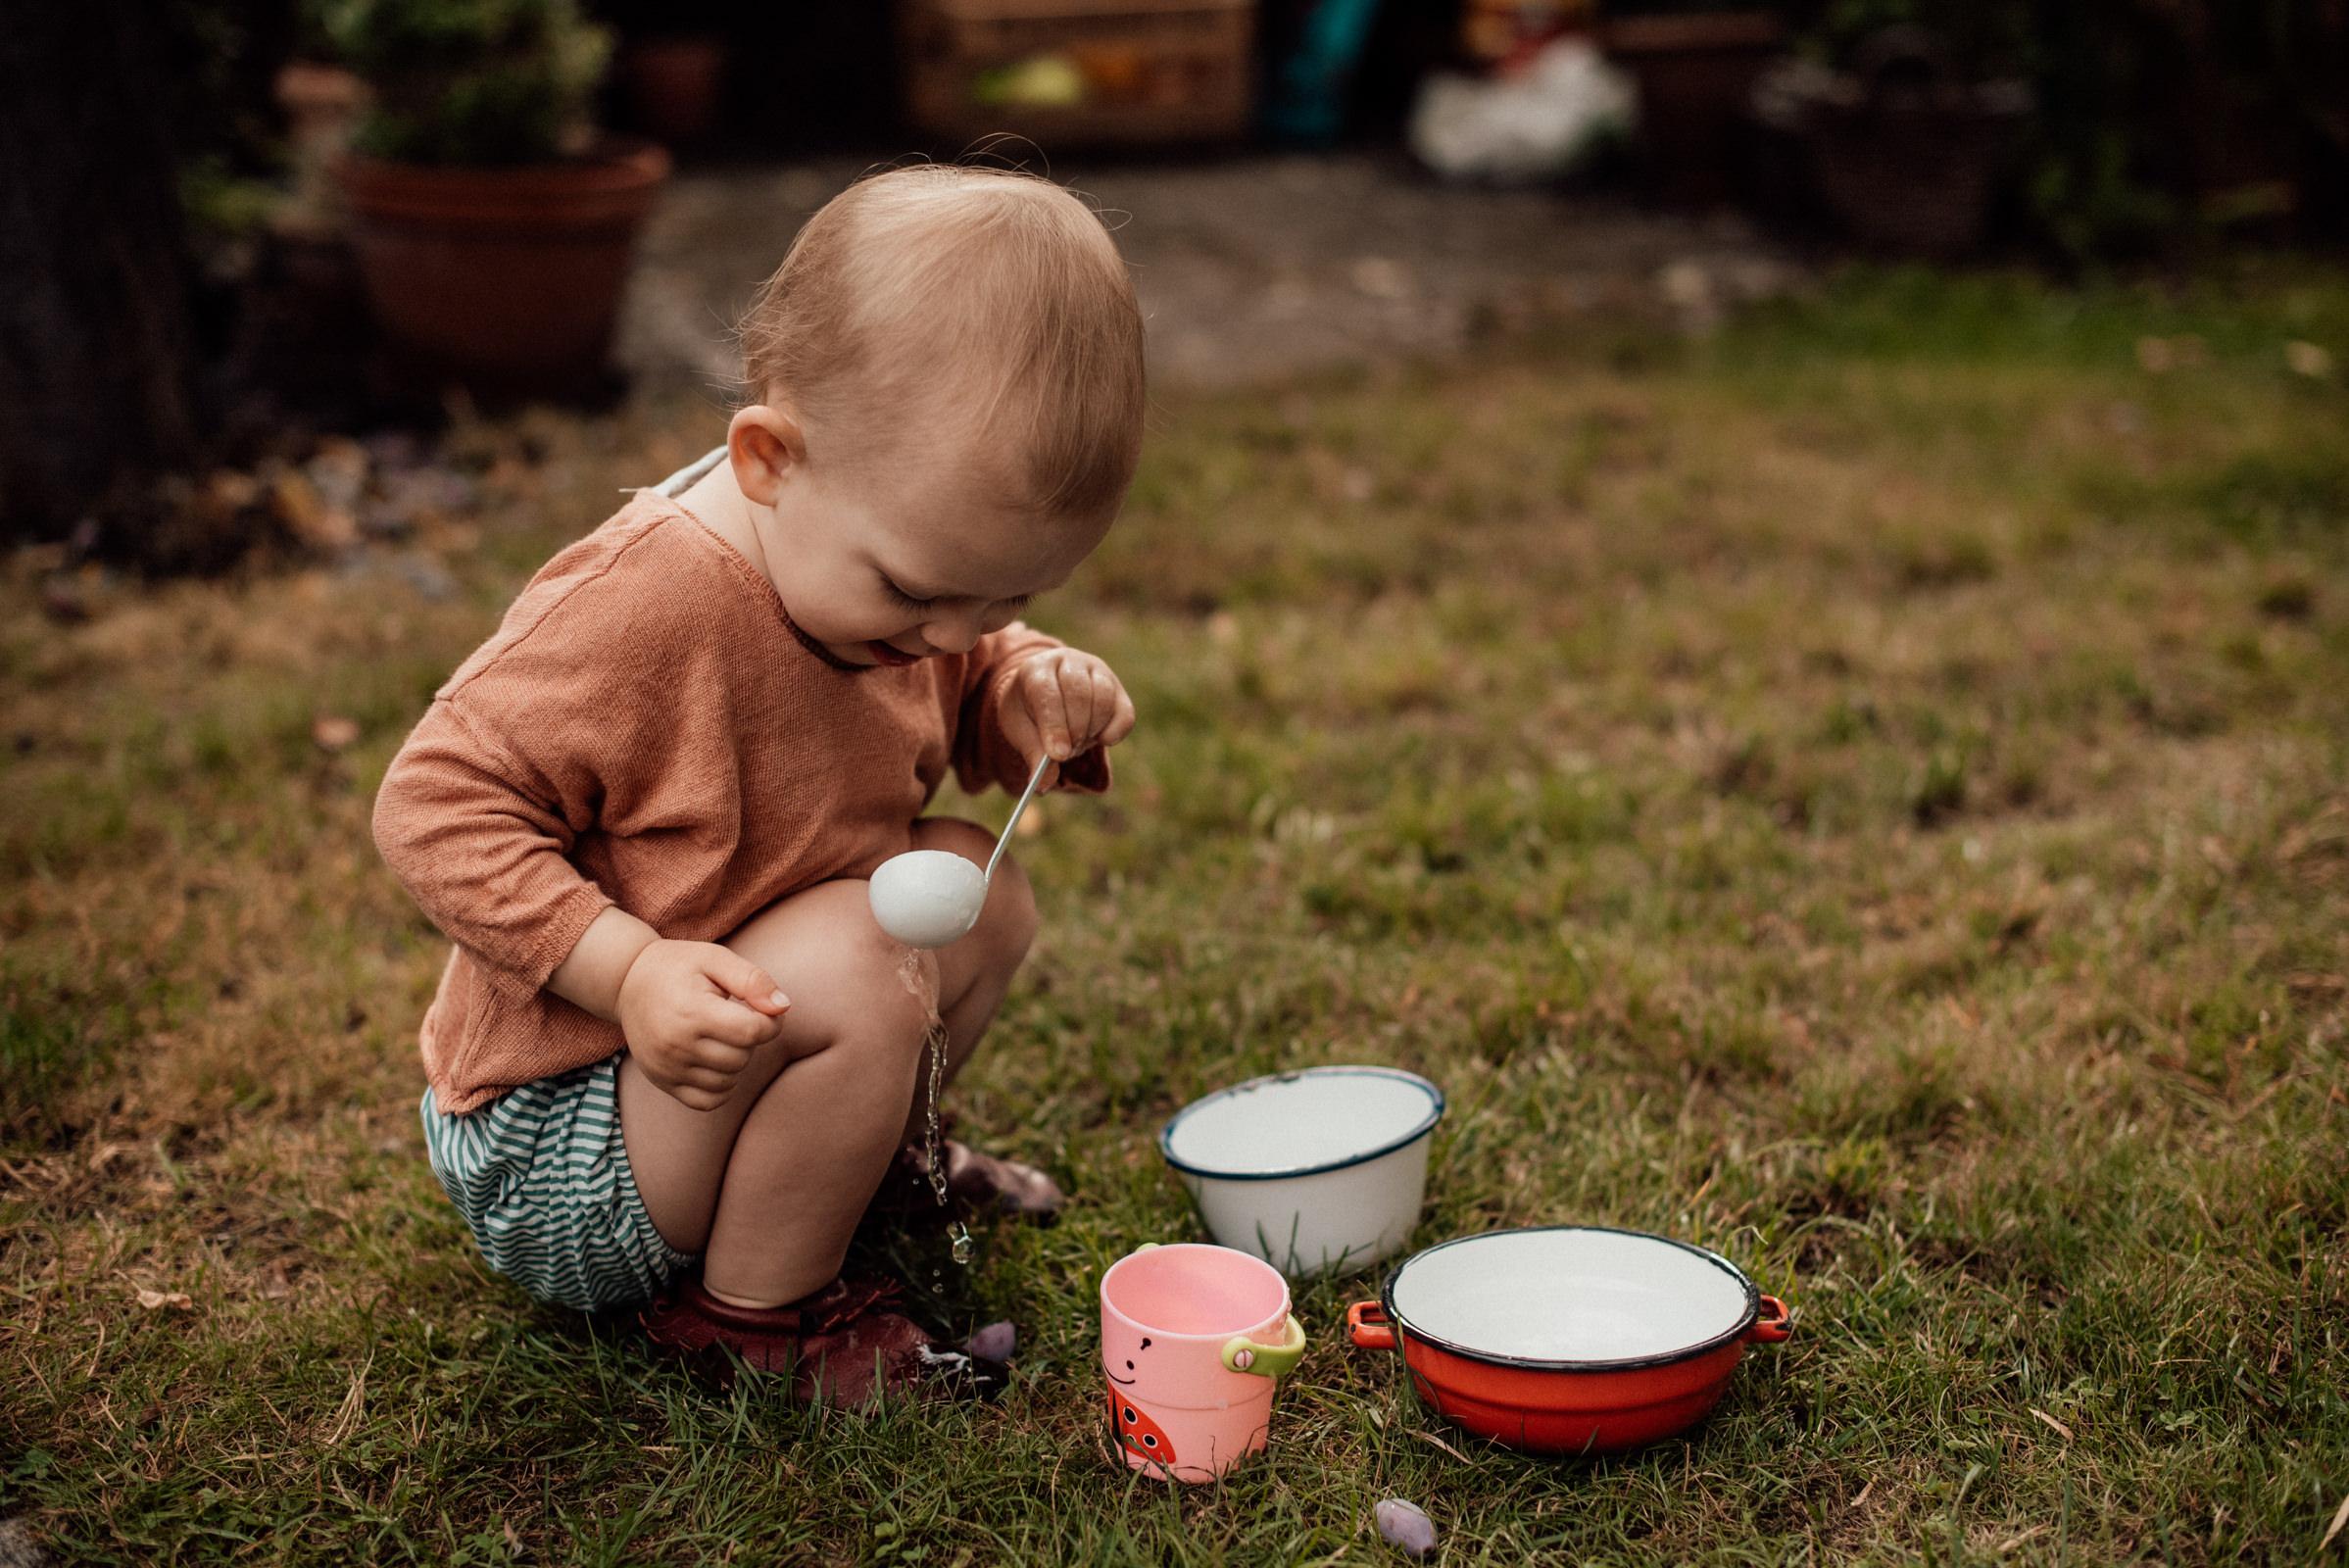 Foto ideen für Outdoor Familienfotoshootings Basel, Fotograf in basel